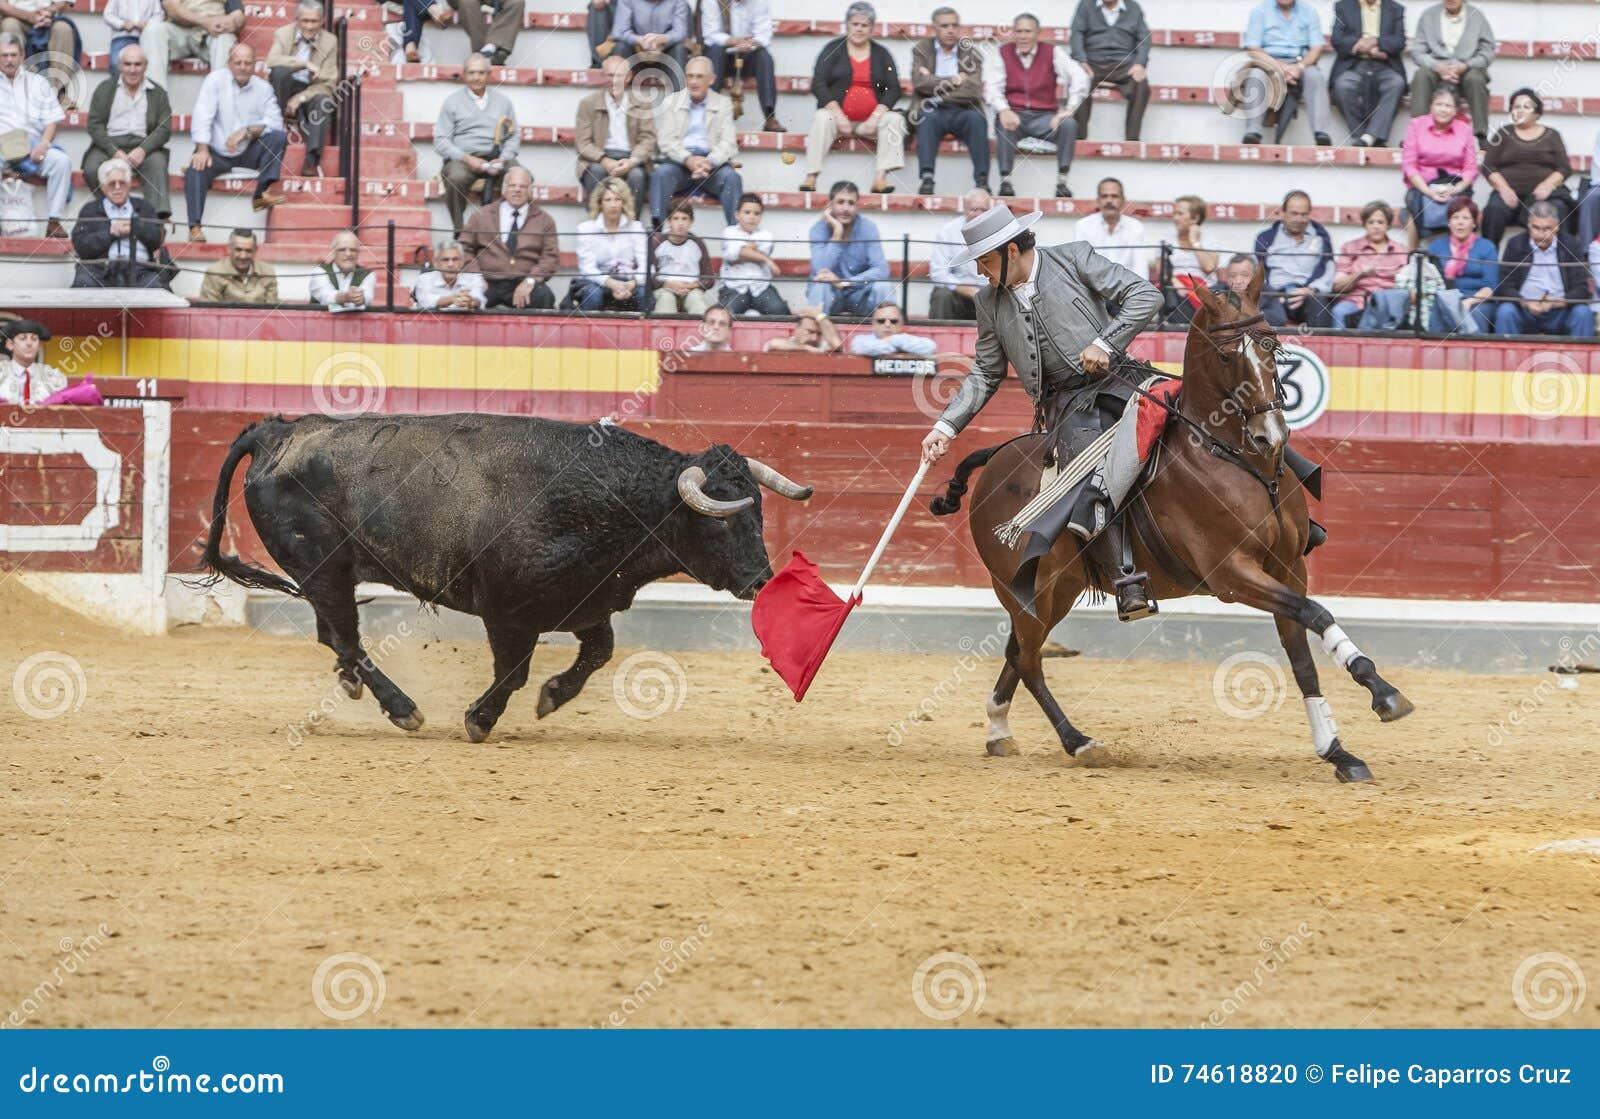 Alvaro Montes, espanhol do toureiro a cavalo, Jae n, Espanha